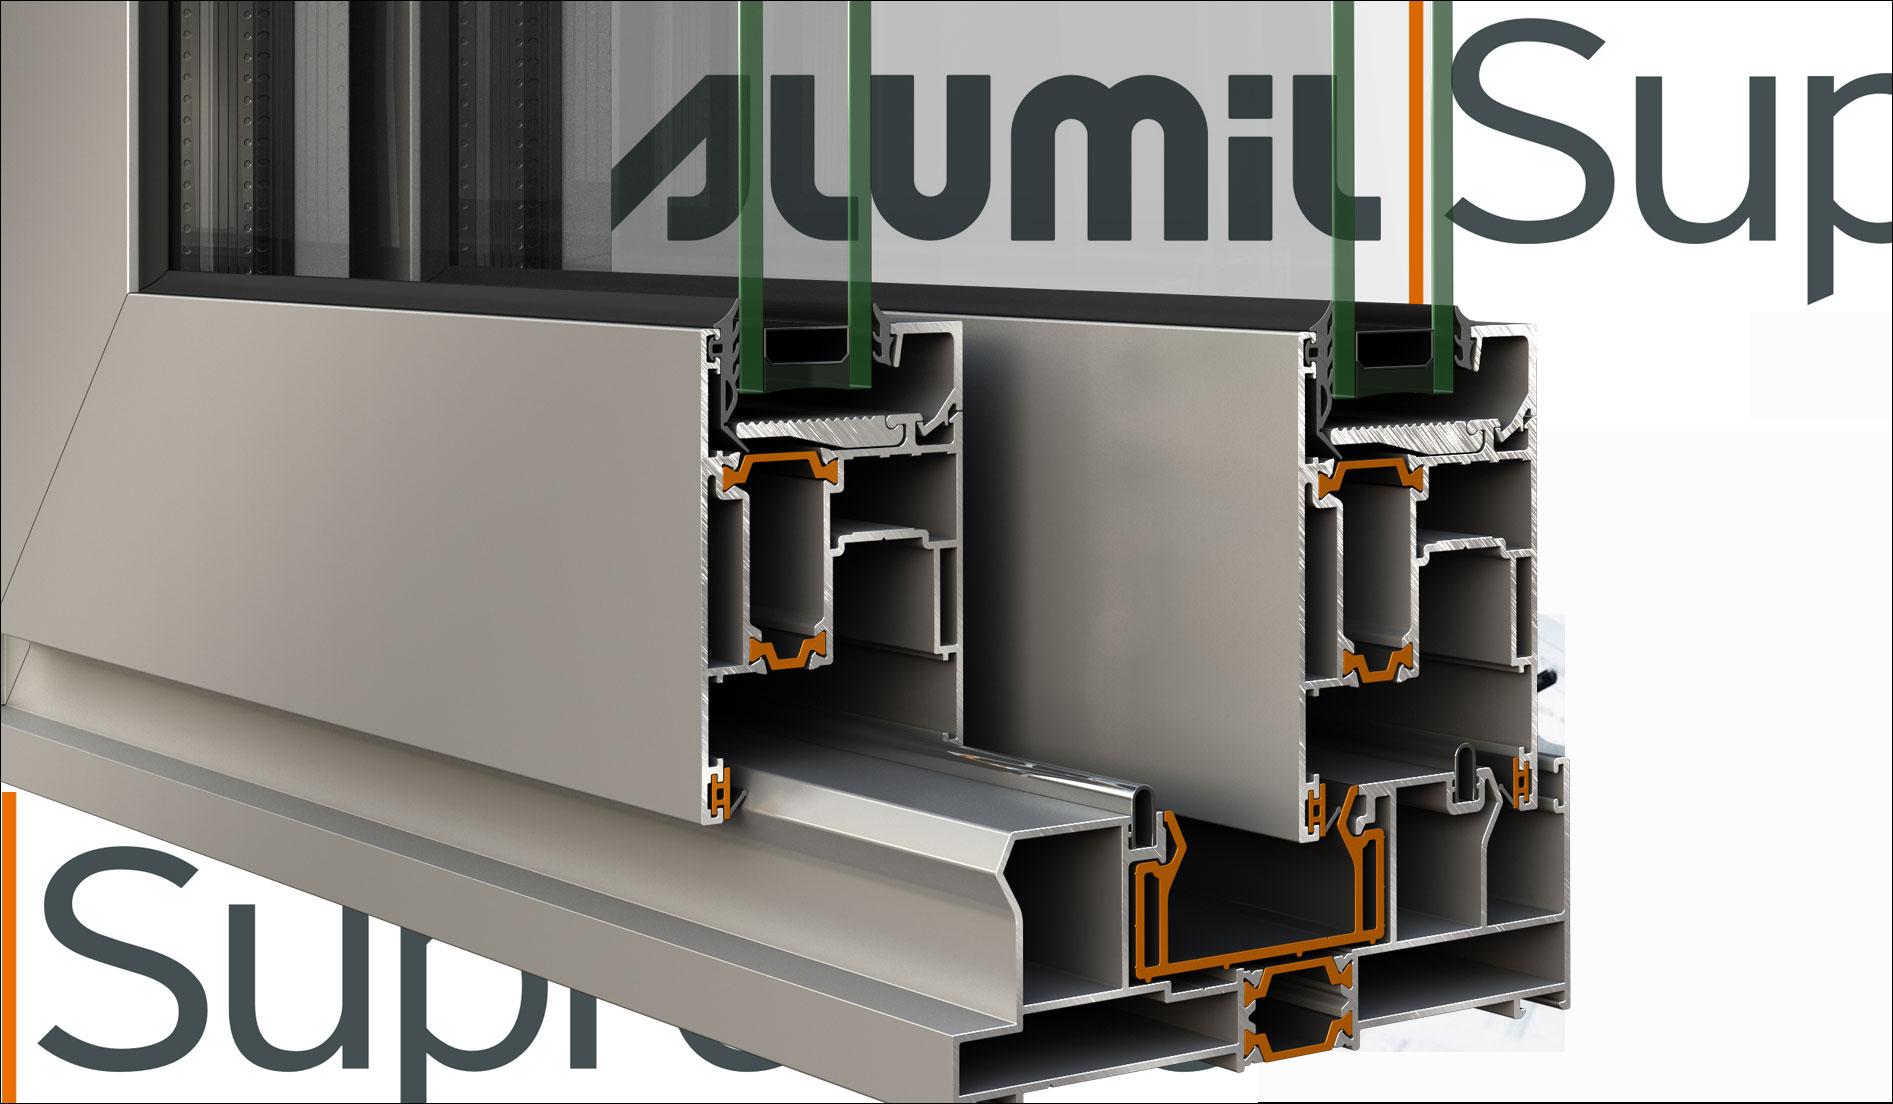 alumil_news1